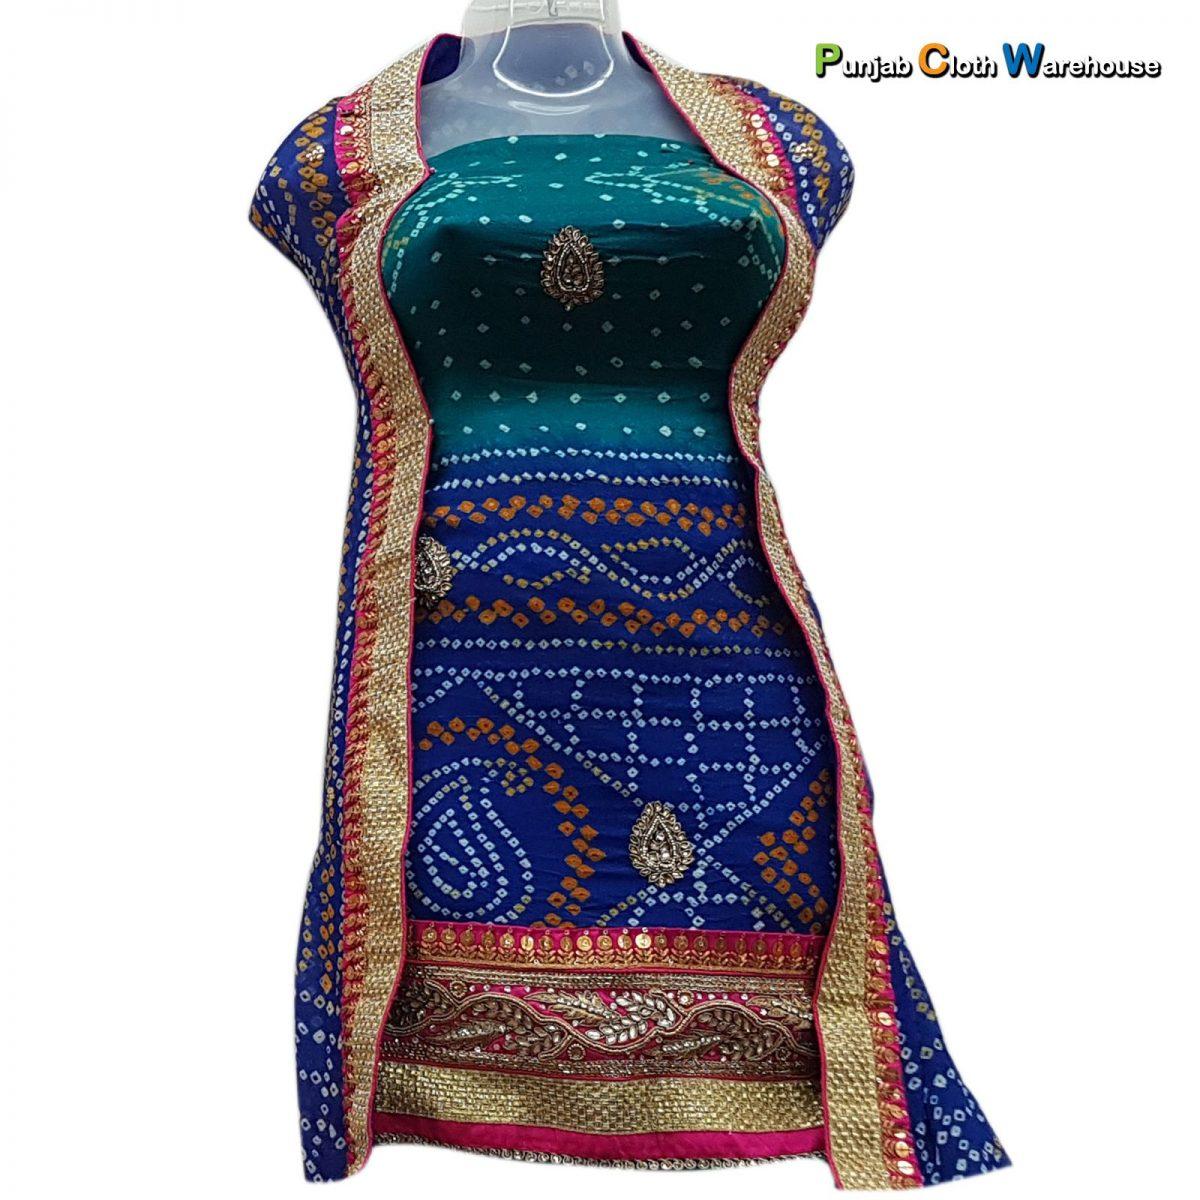 Ladies Suits - Cut Piece - Punjab Cloth Warehouse, Surrey (8)